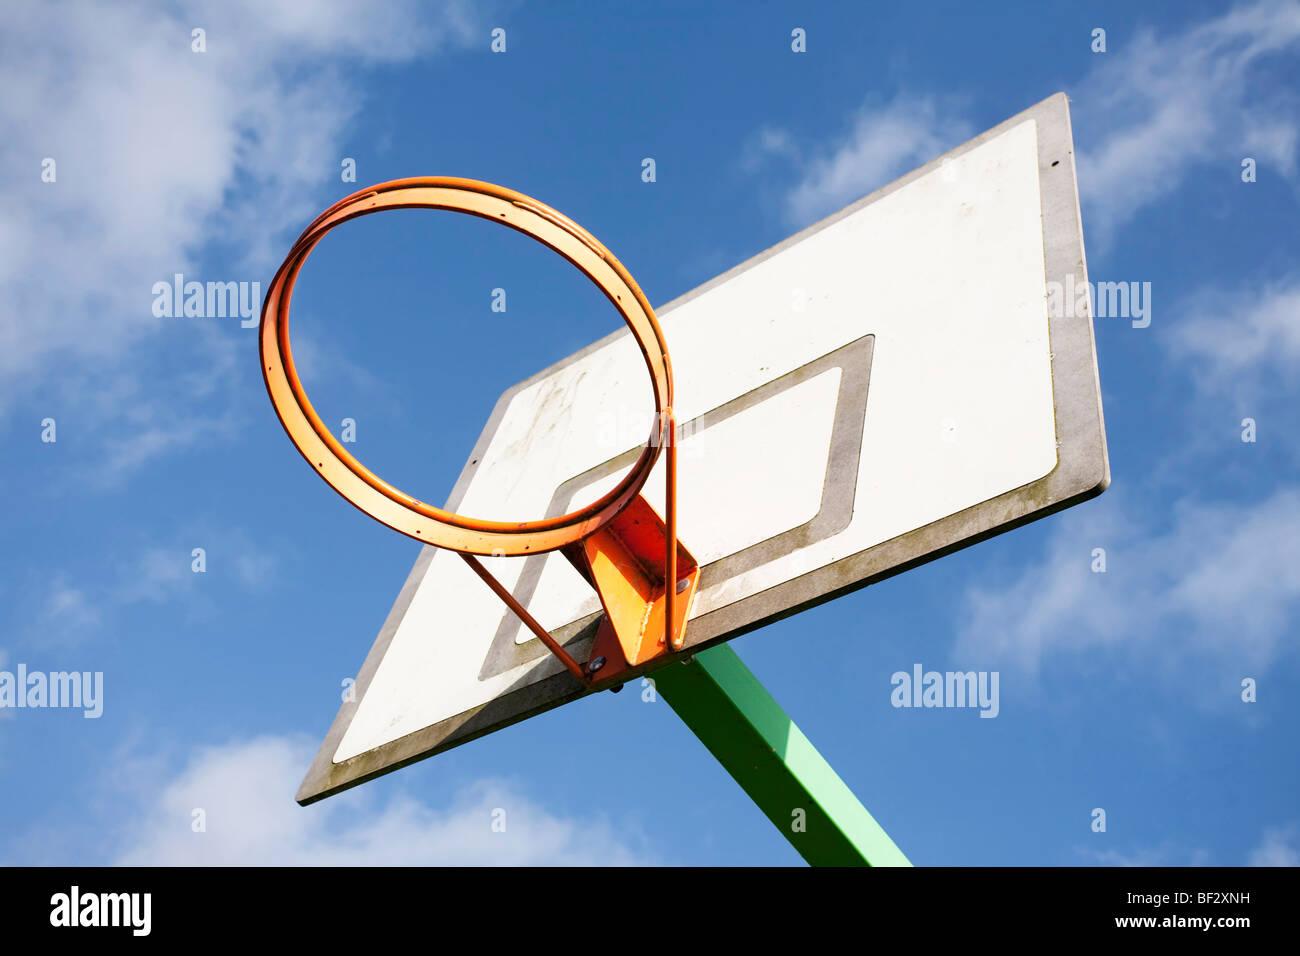 Basketball hoop contro un cielo blu e nuvole bianche Immagini Stock